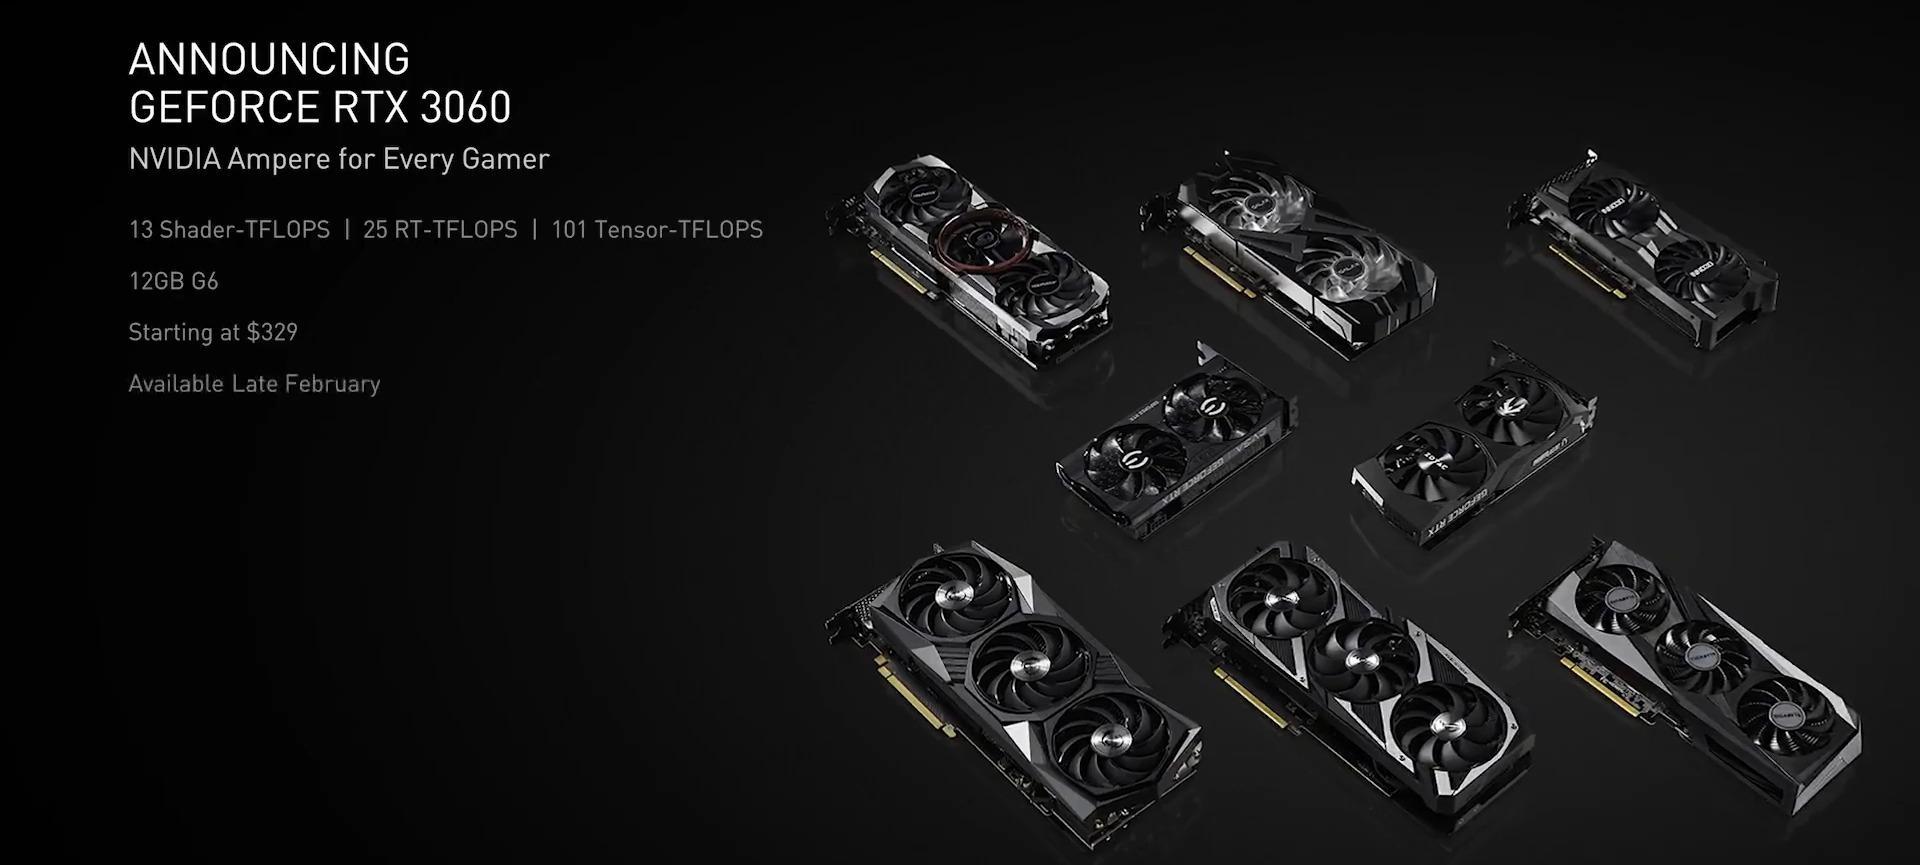 RTX 3060 kommer i ulike varianter, fra tredjepartsprodusenter som MSI, Gigabyte, Evga, Asus og flere i februar.